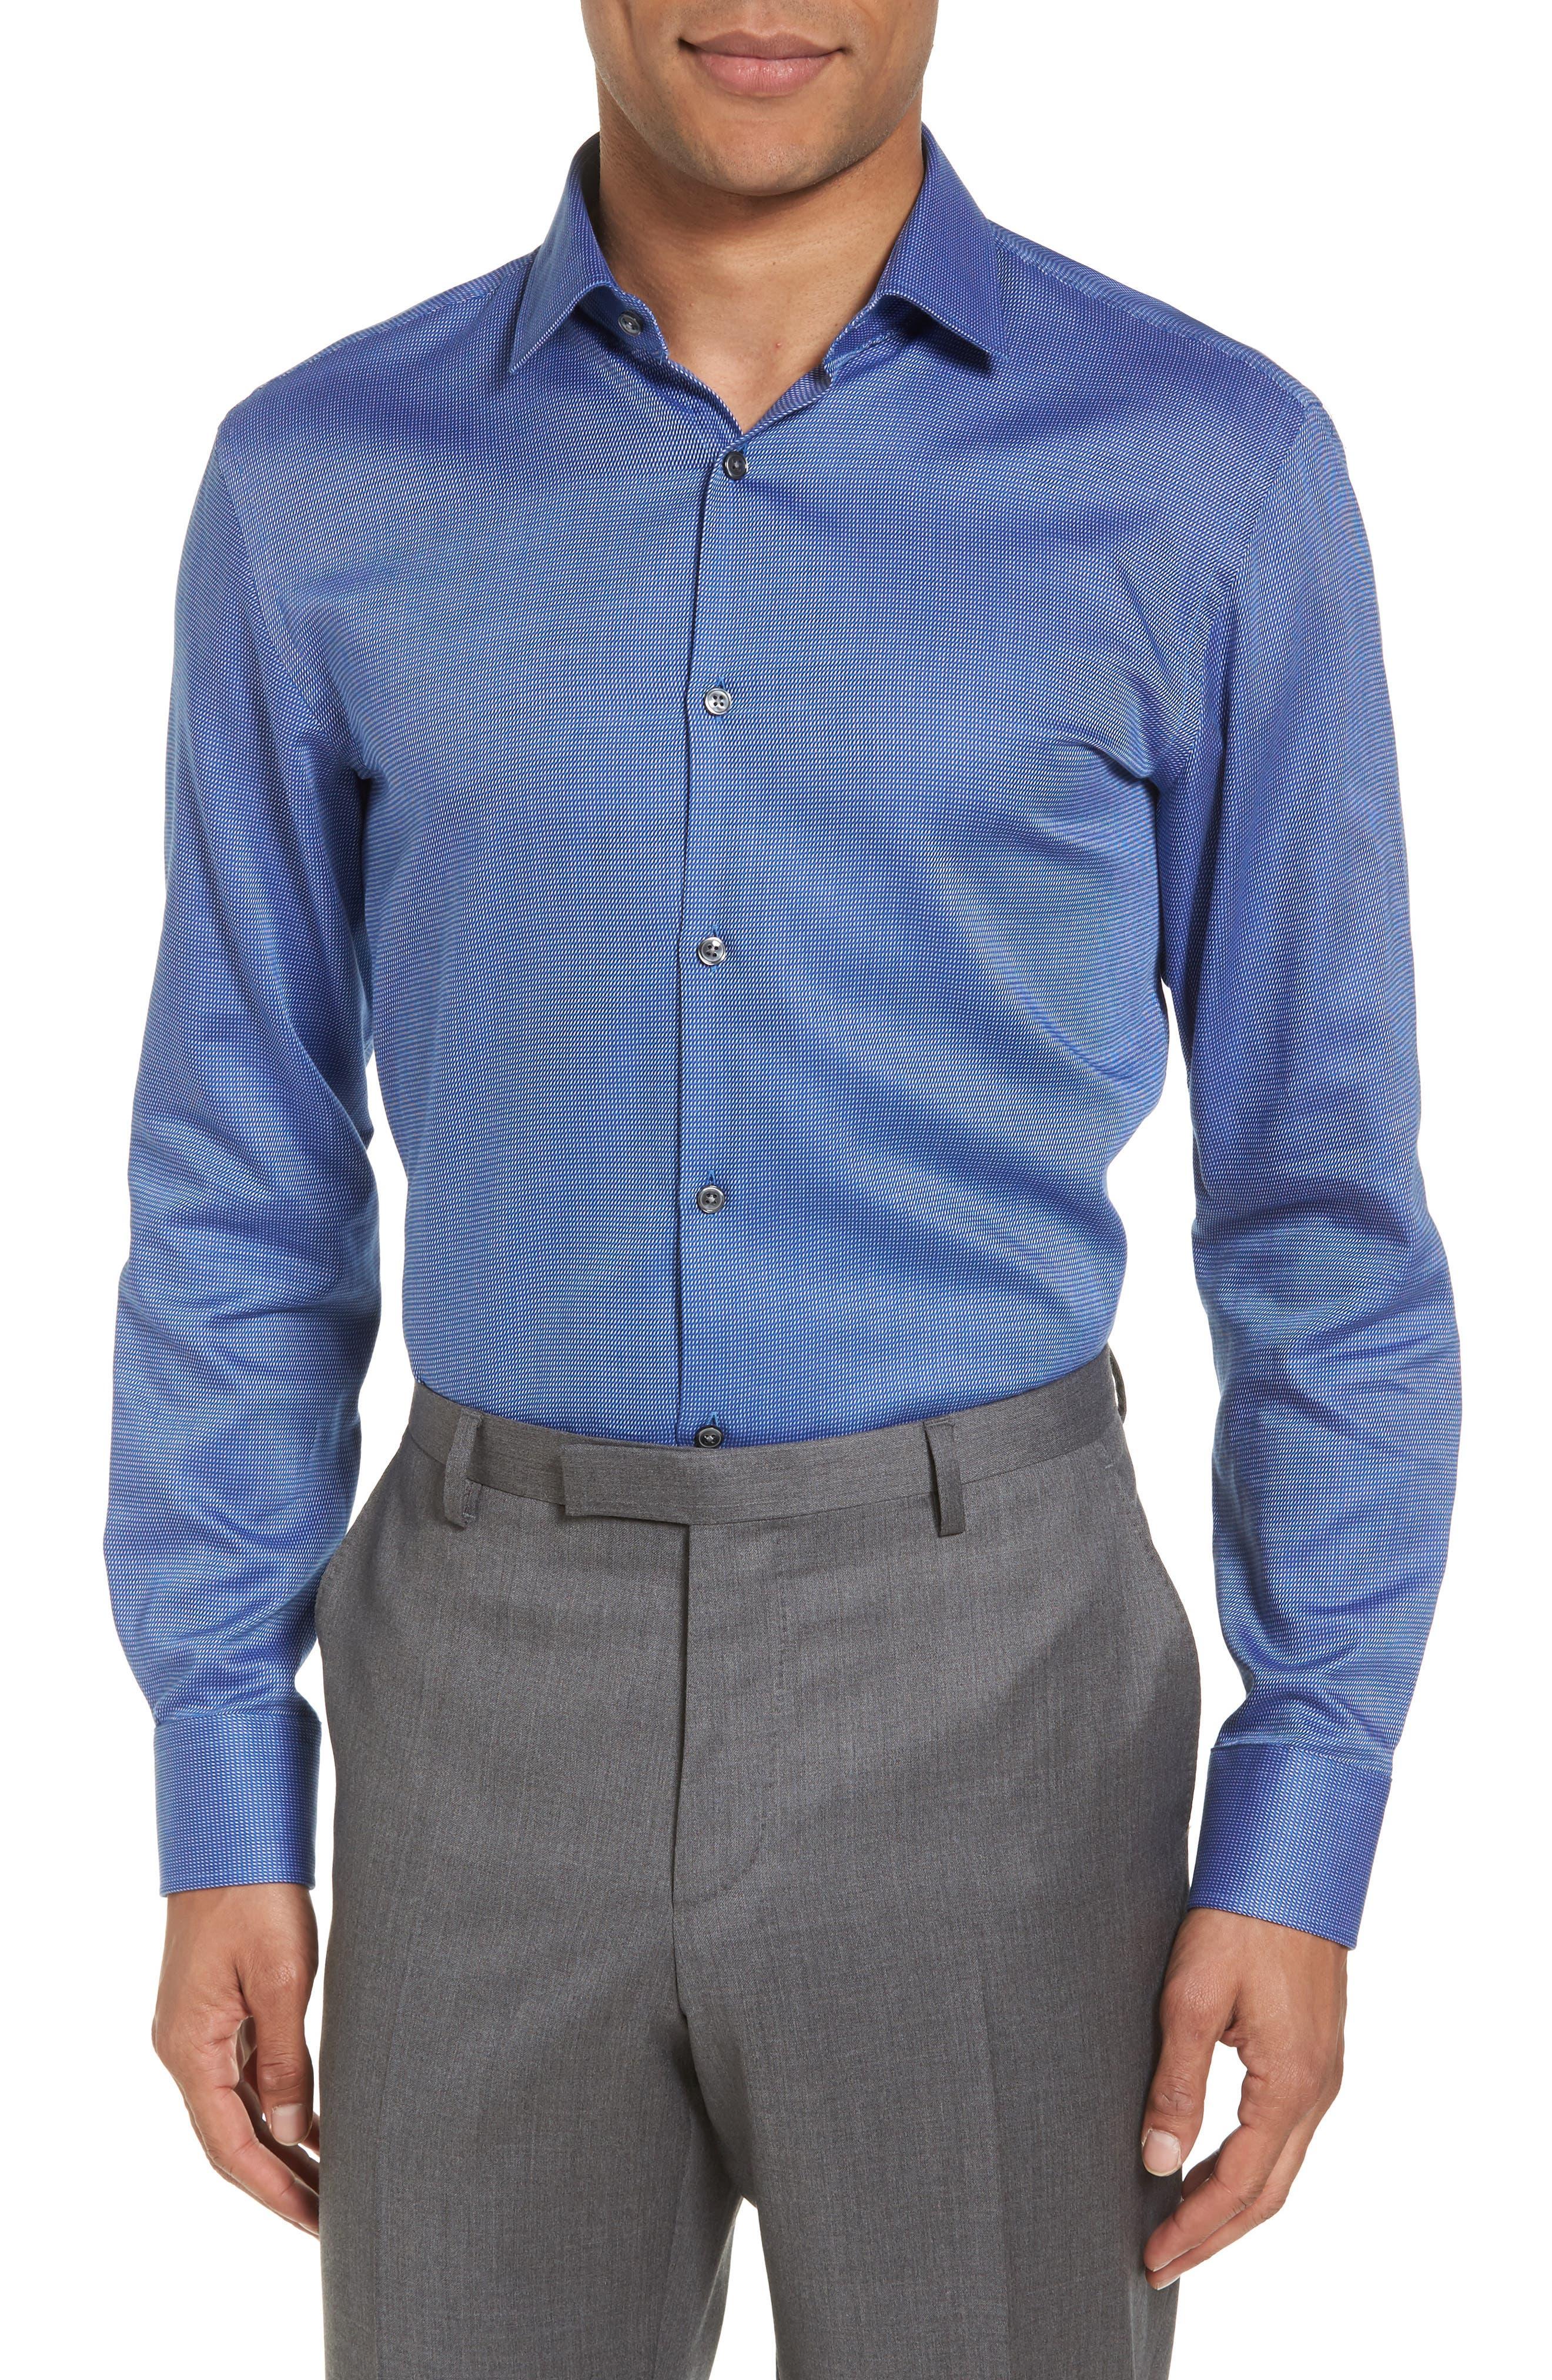 Sharp Fit Solid Dress Shirt,                             Main thumbnail 1, color,                             410